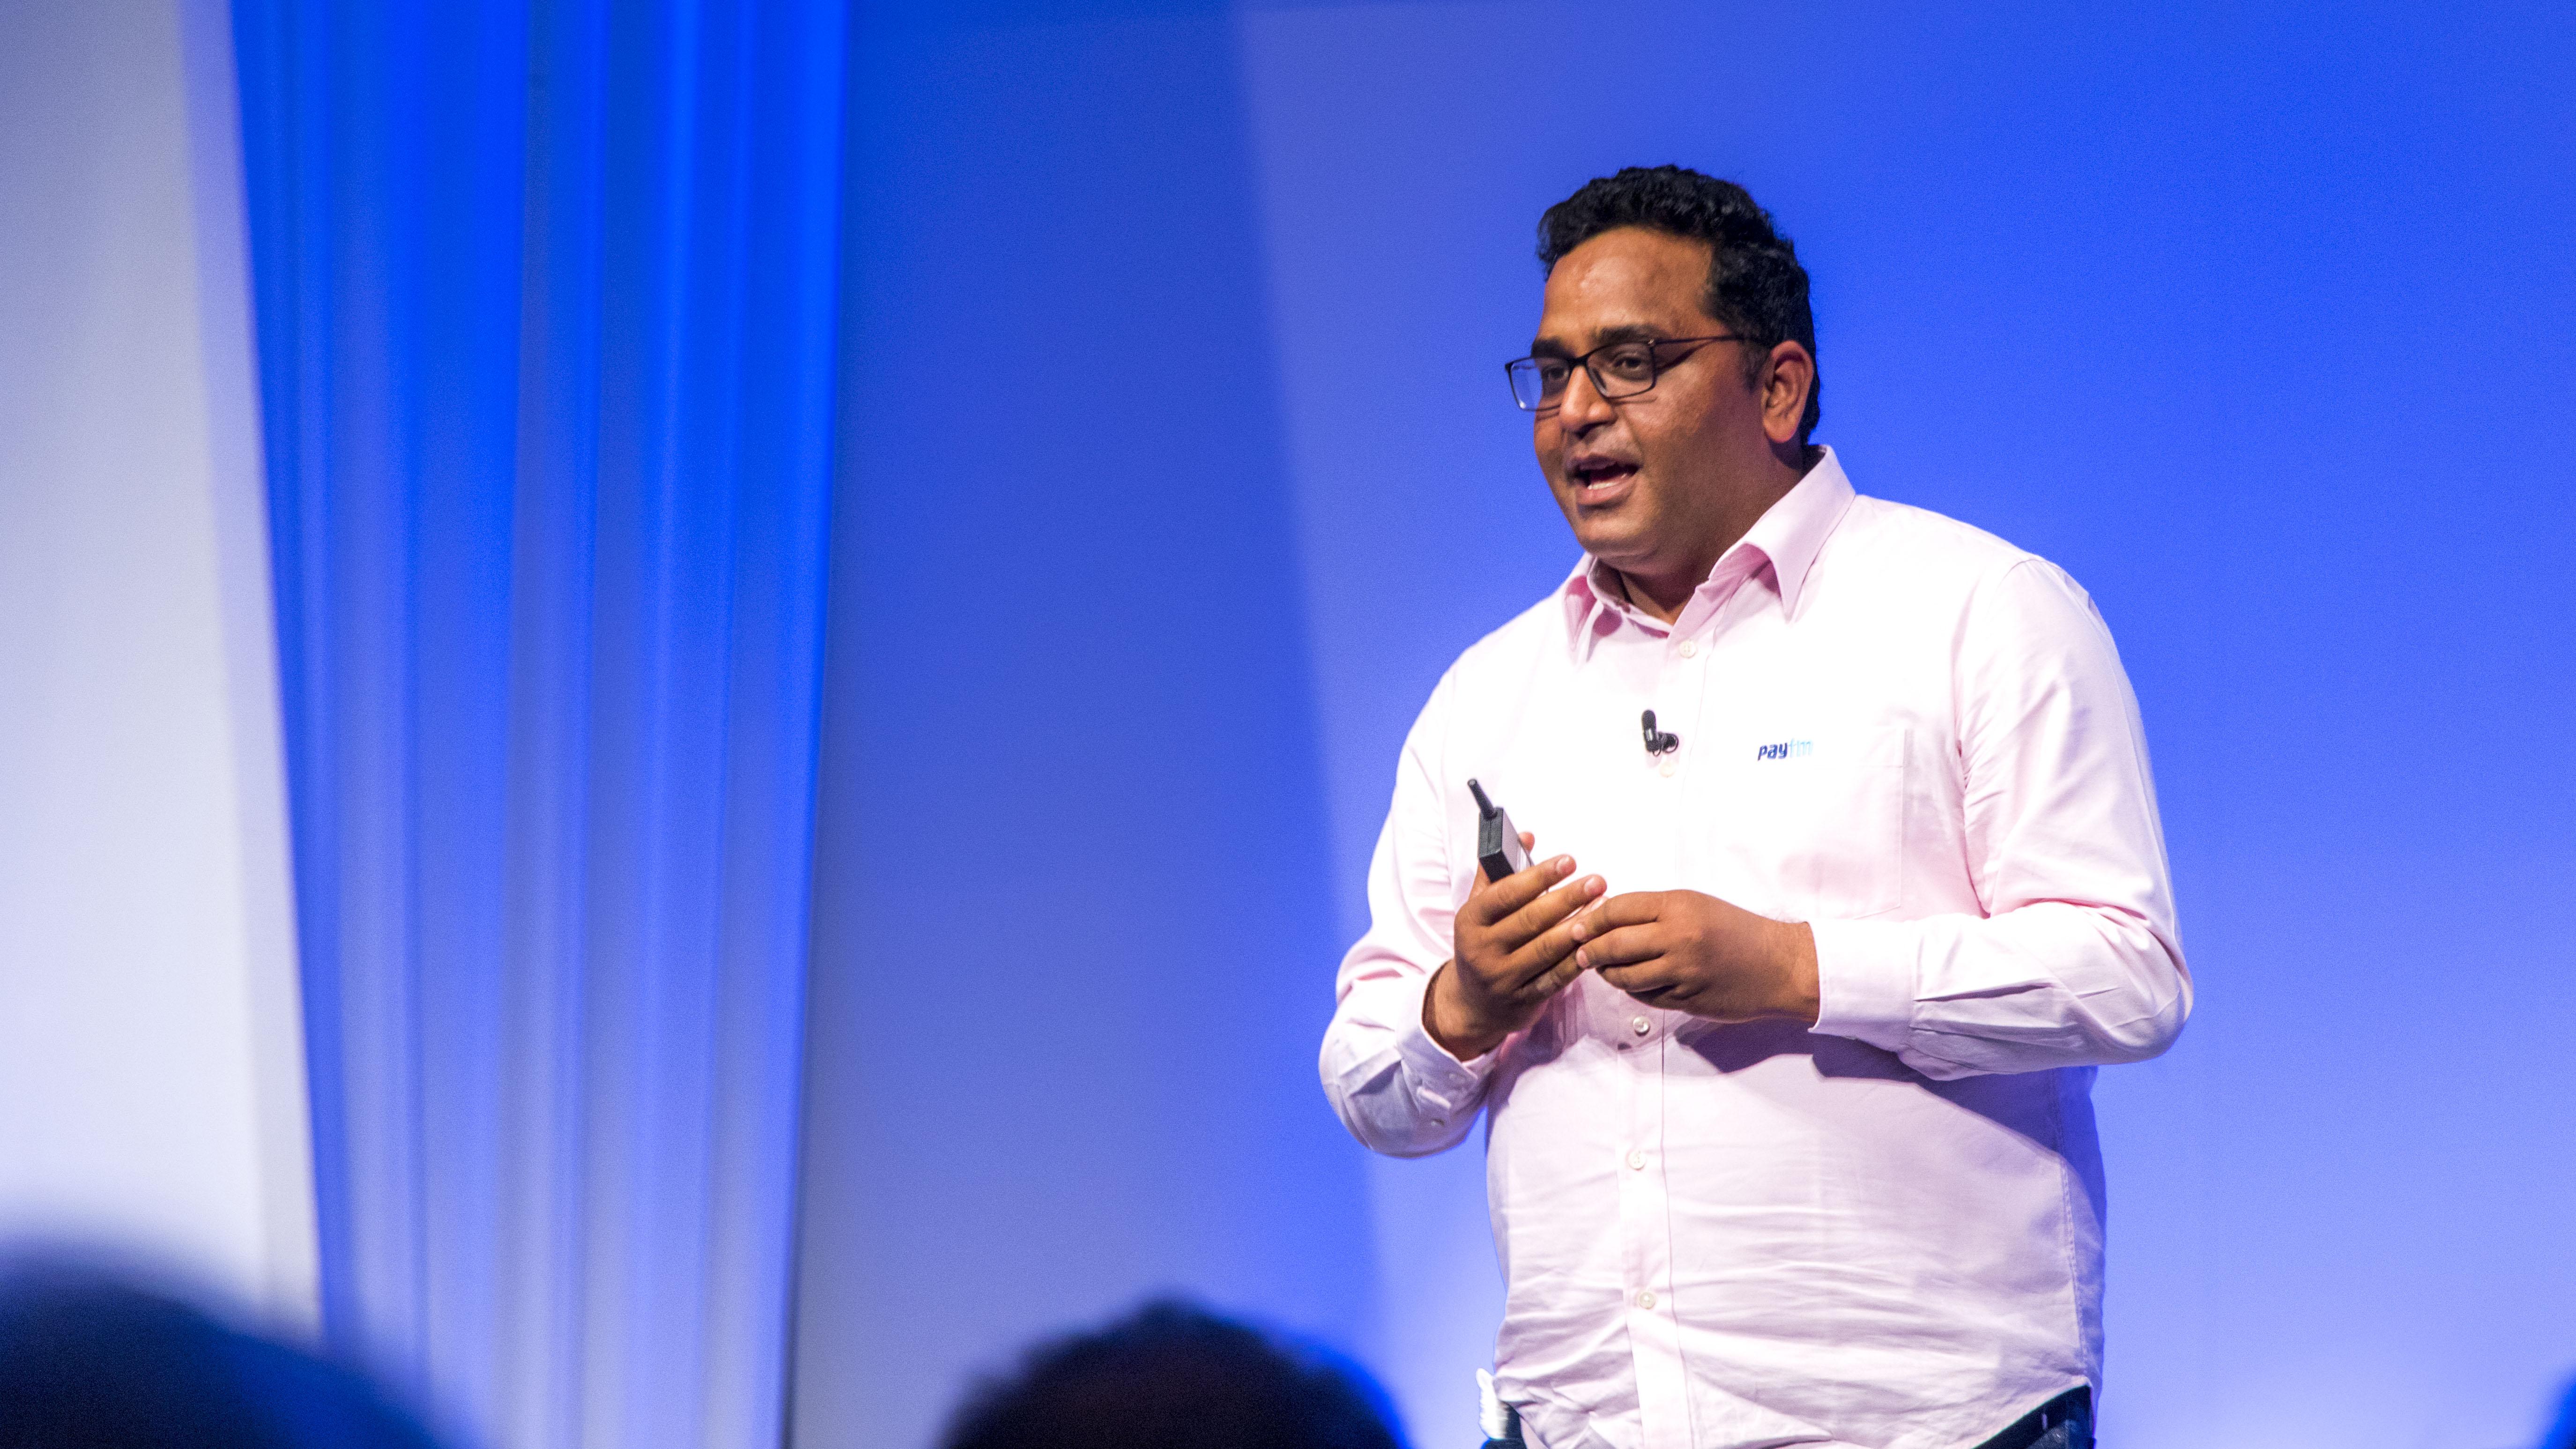 インド決済大手のPaytmのファウンダー兼CEO Vijay Shekhar Sharma 氏